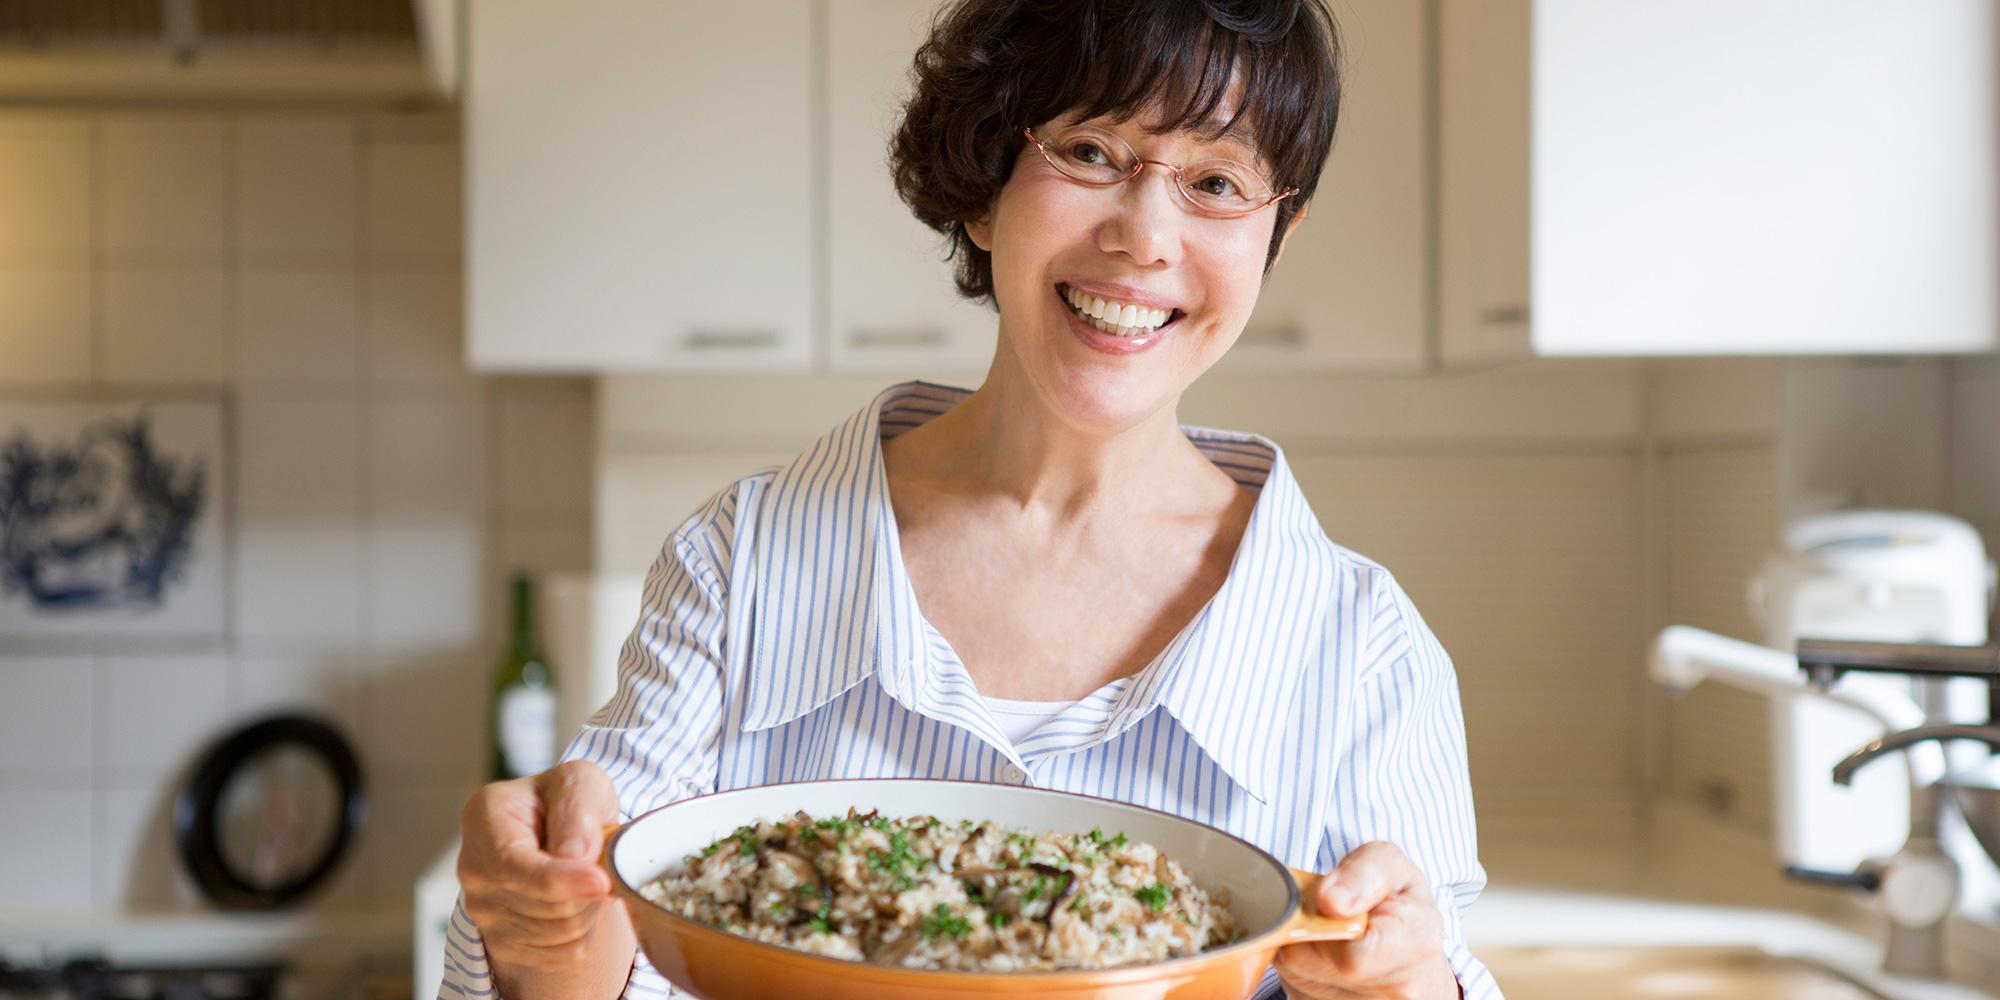 remy | 幸せはキッチンから。| 平野レミ公式サイト